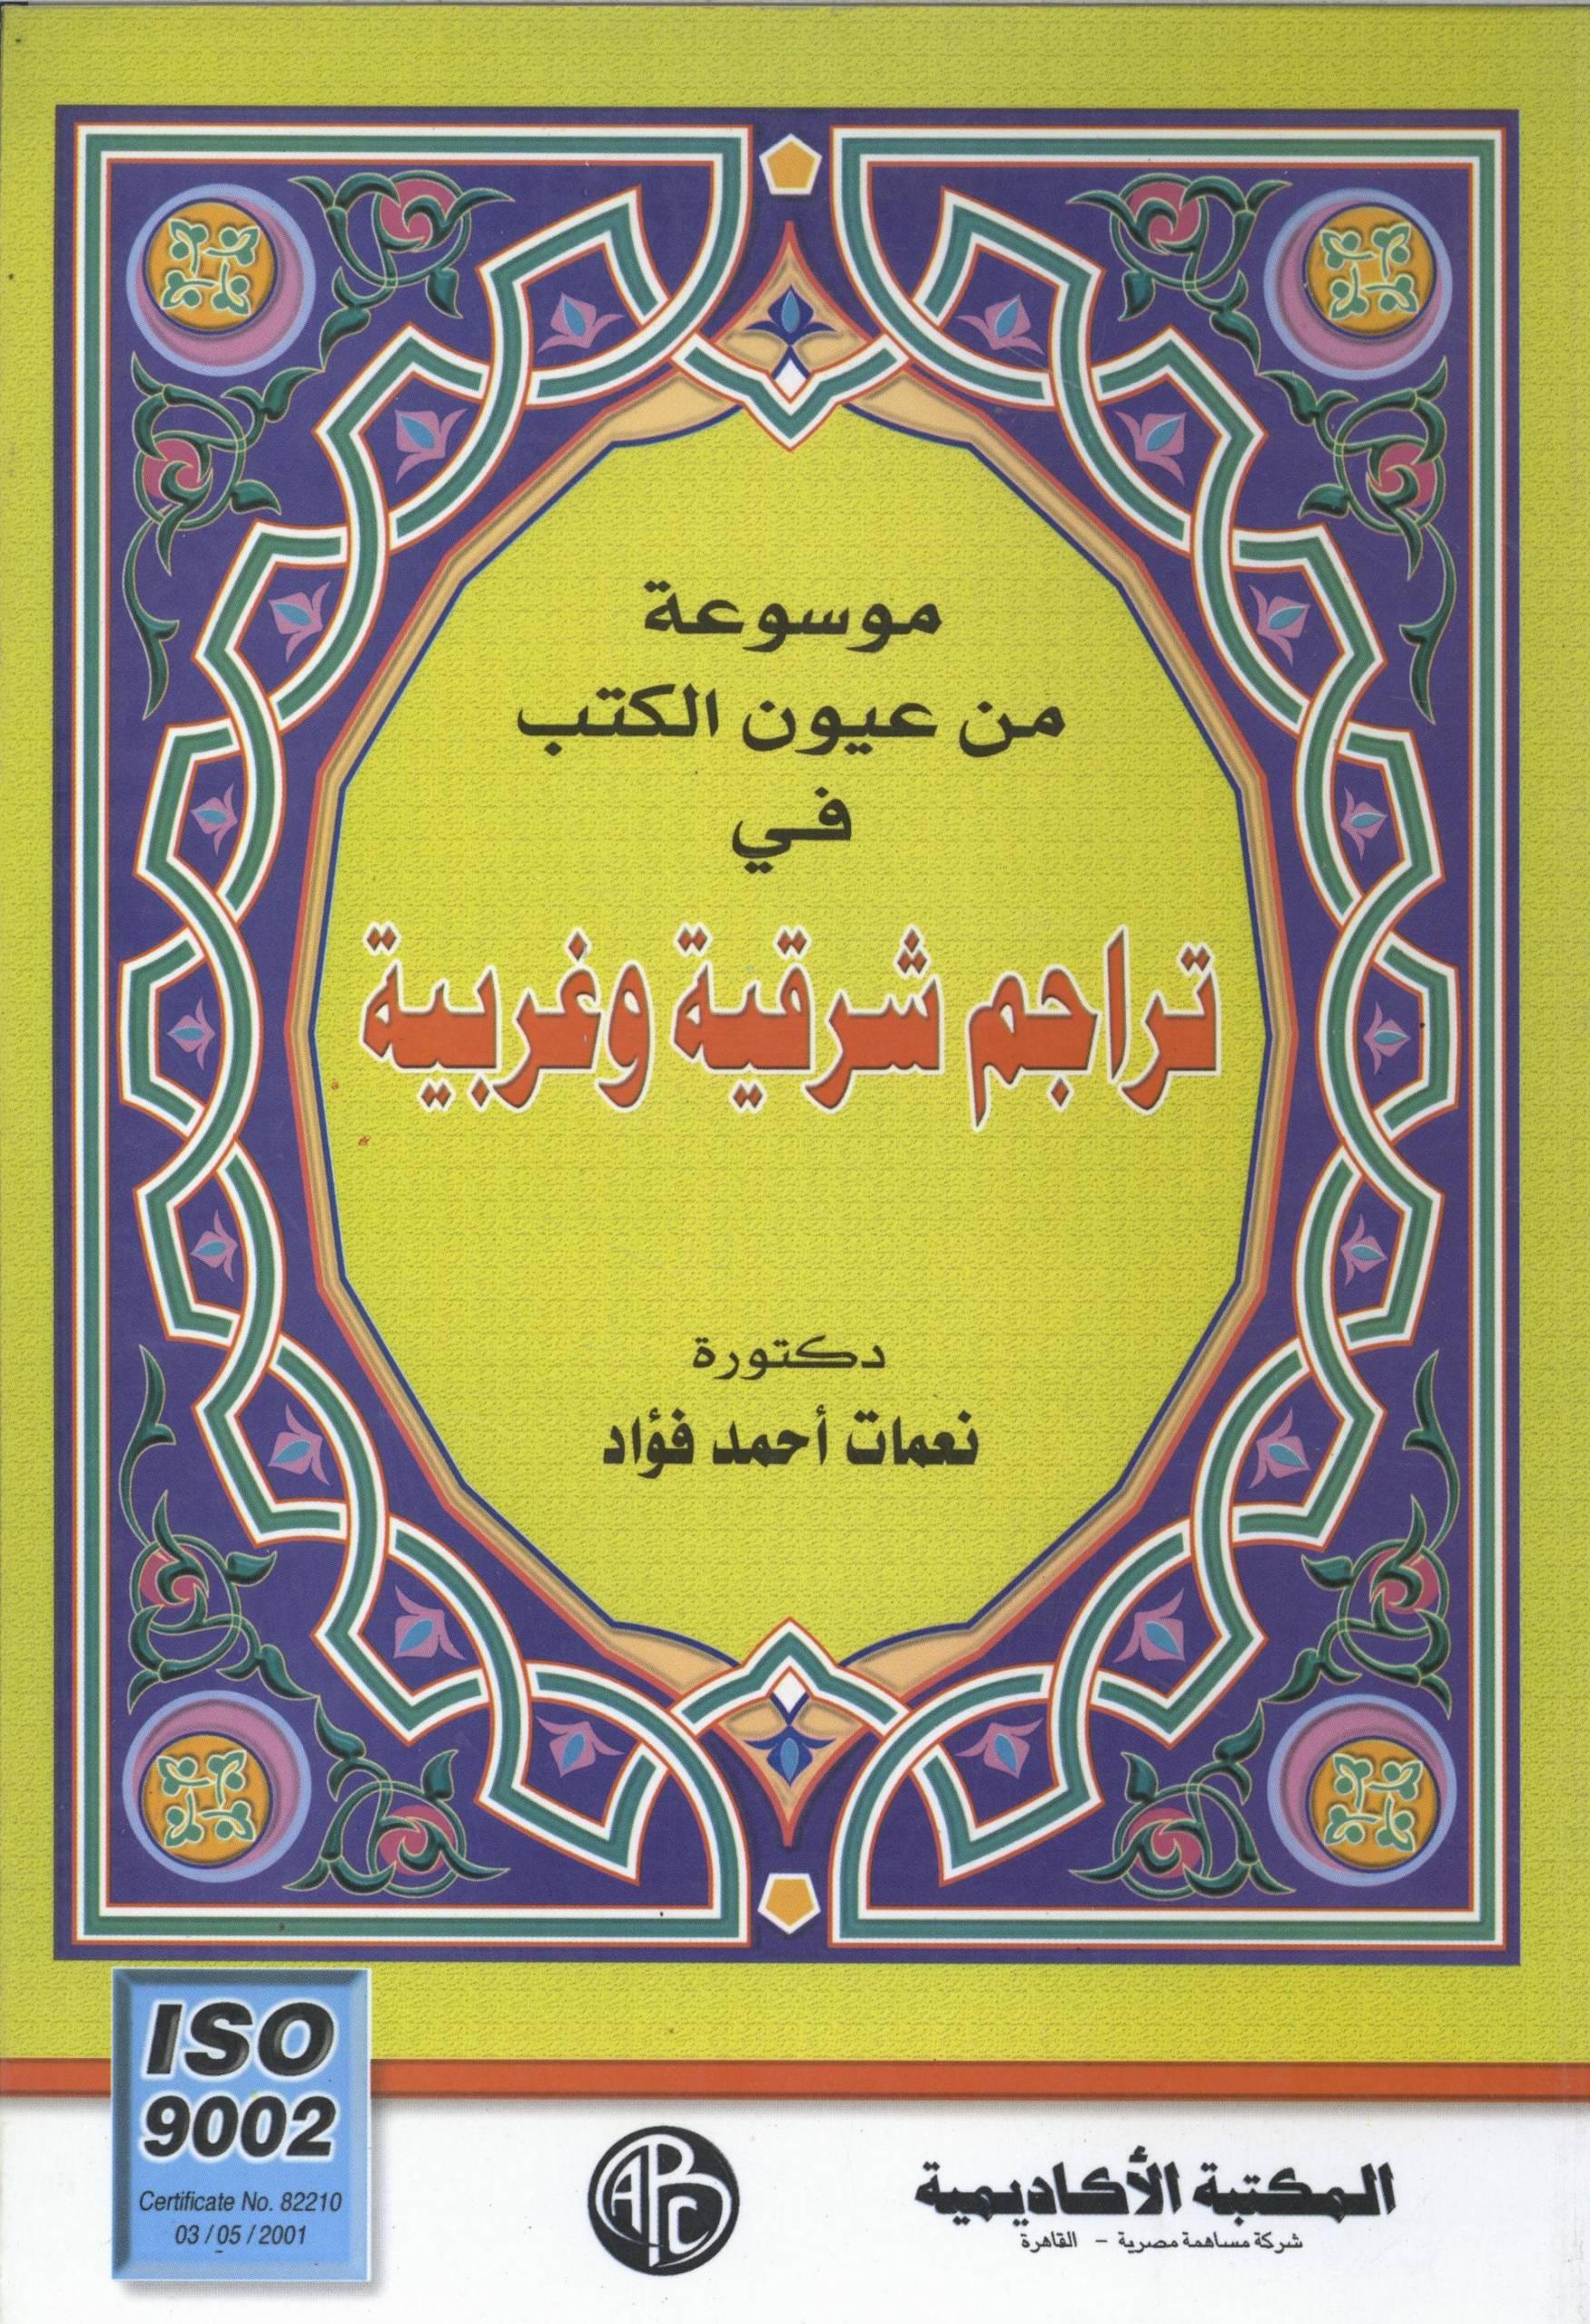 موسوعة من عيون الكتب فى تراجم شرقية و غربية